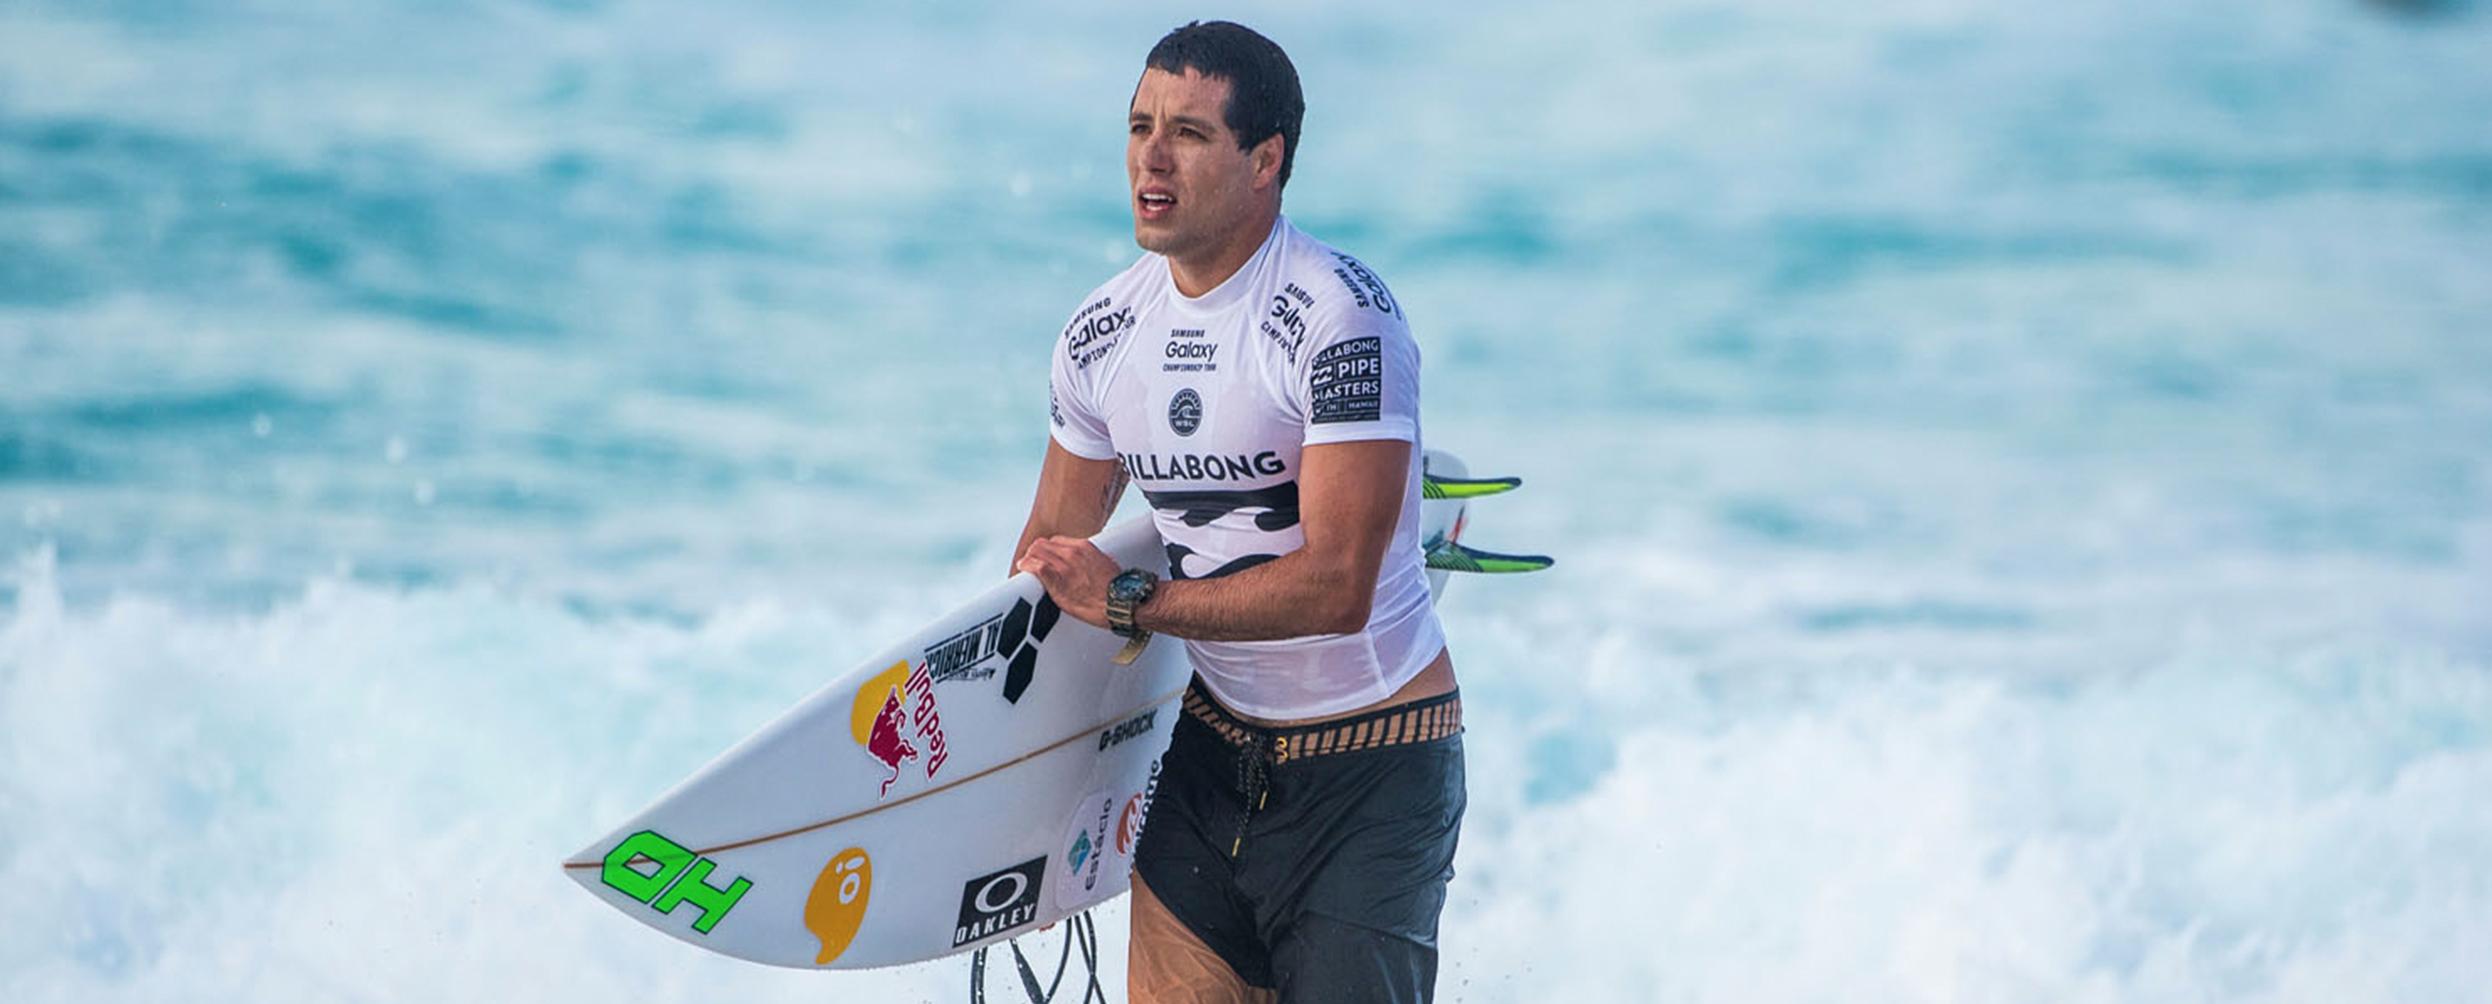 Adriano de Souza